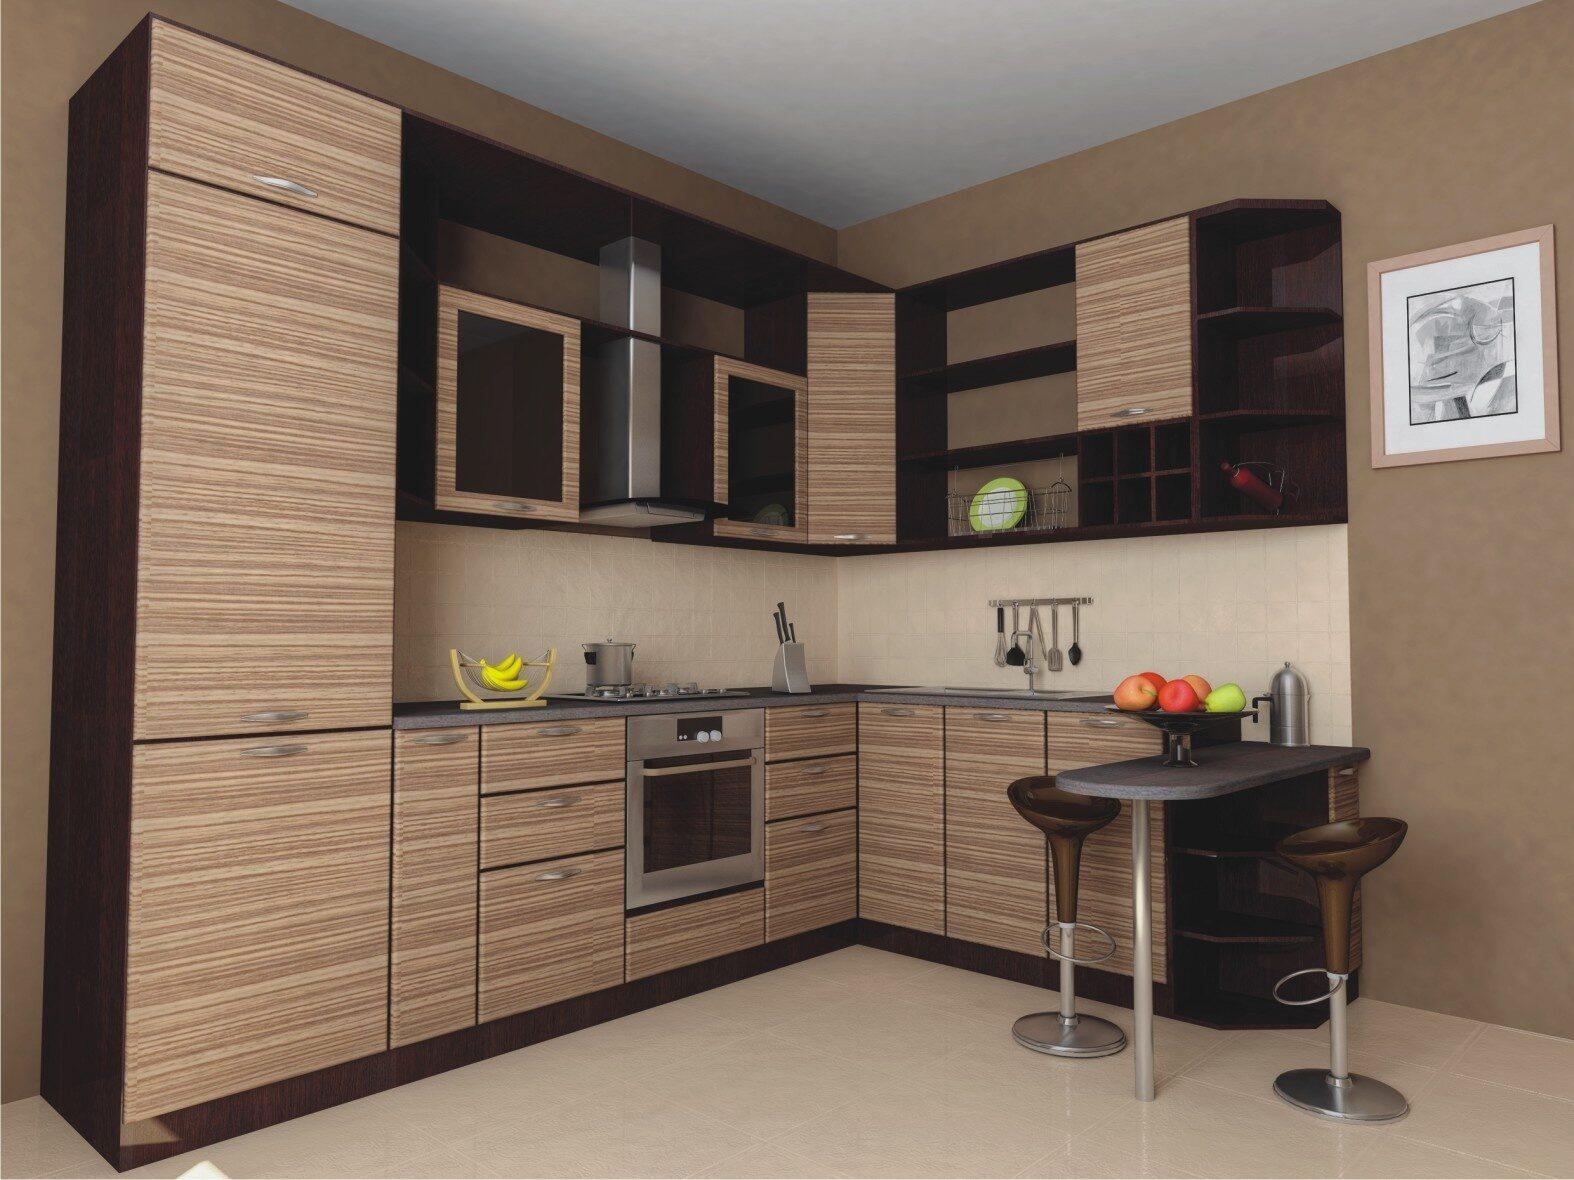 Кухонная мебель в стиле гжель фото расположение входа